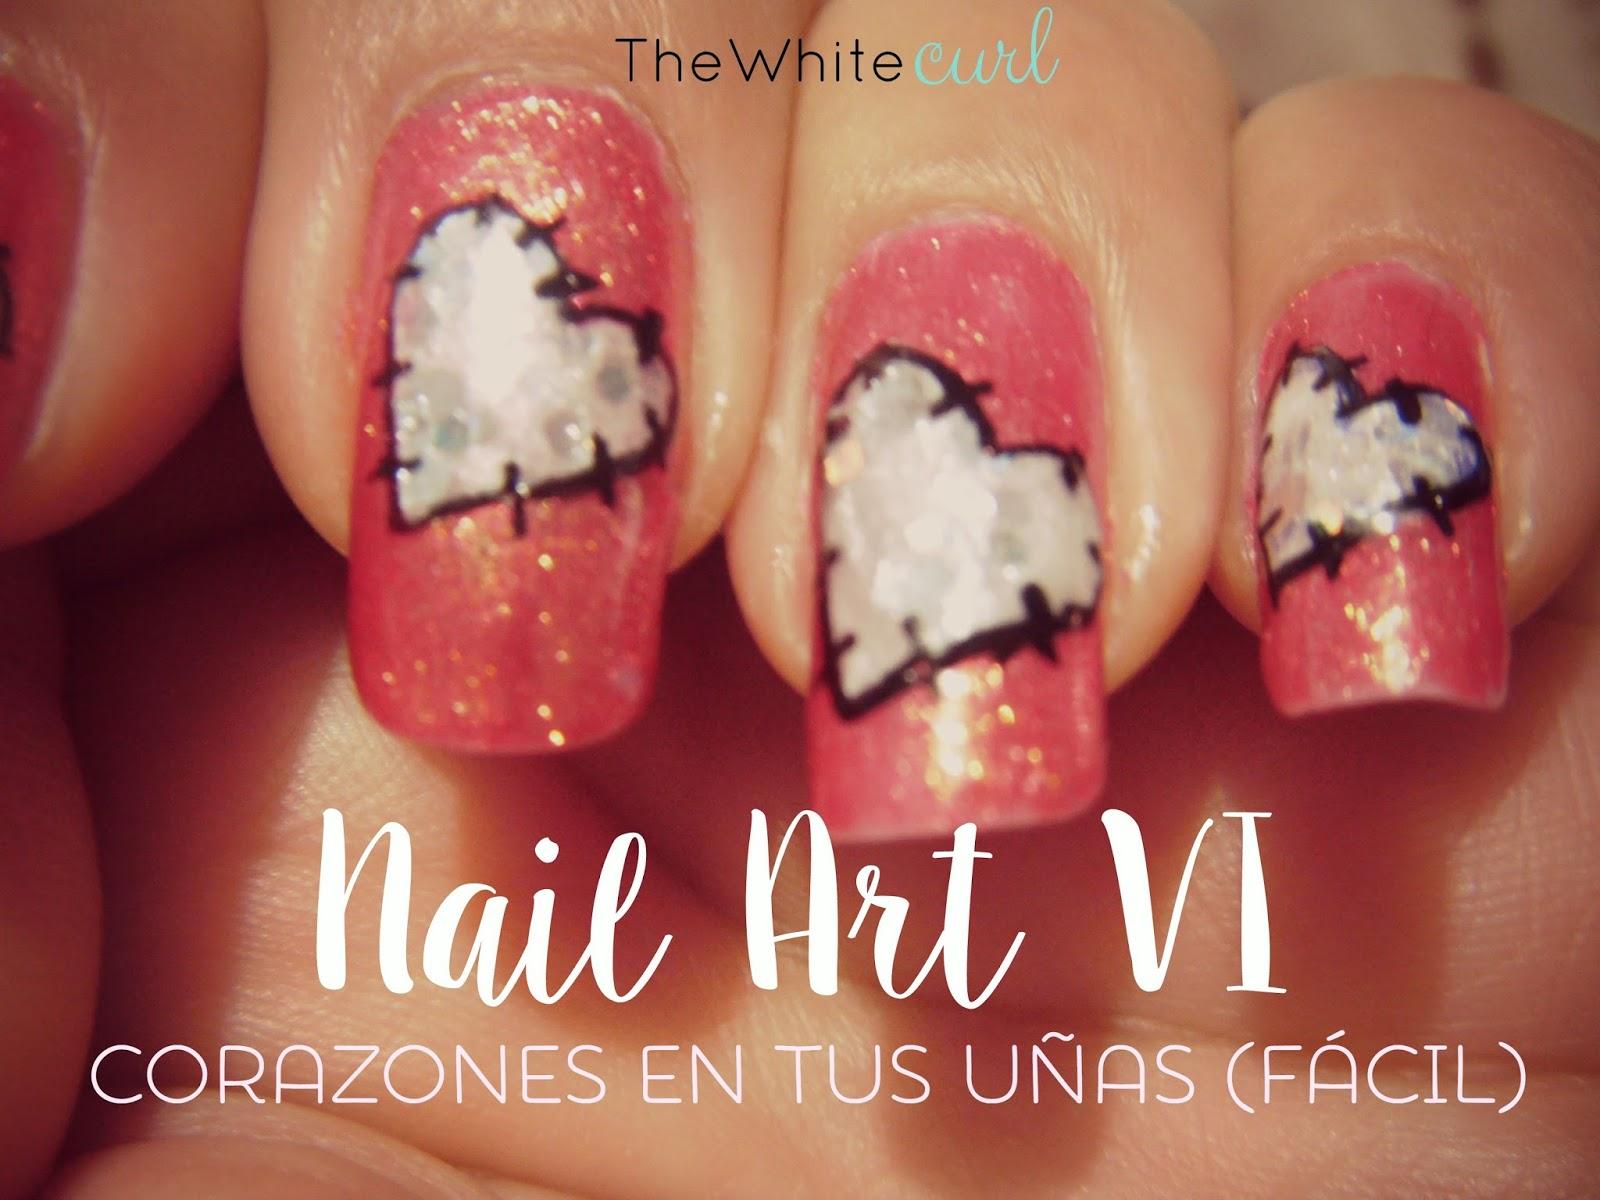 Nail Art VI. Uñas con corazones (fácil) - The White Curl